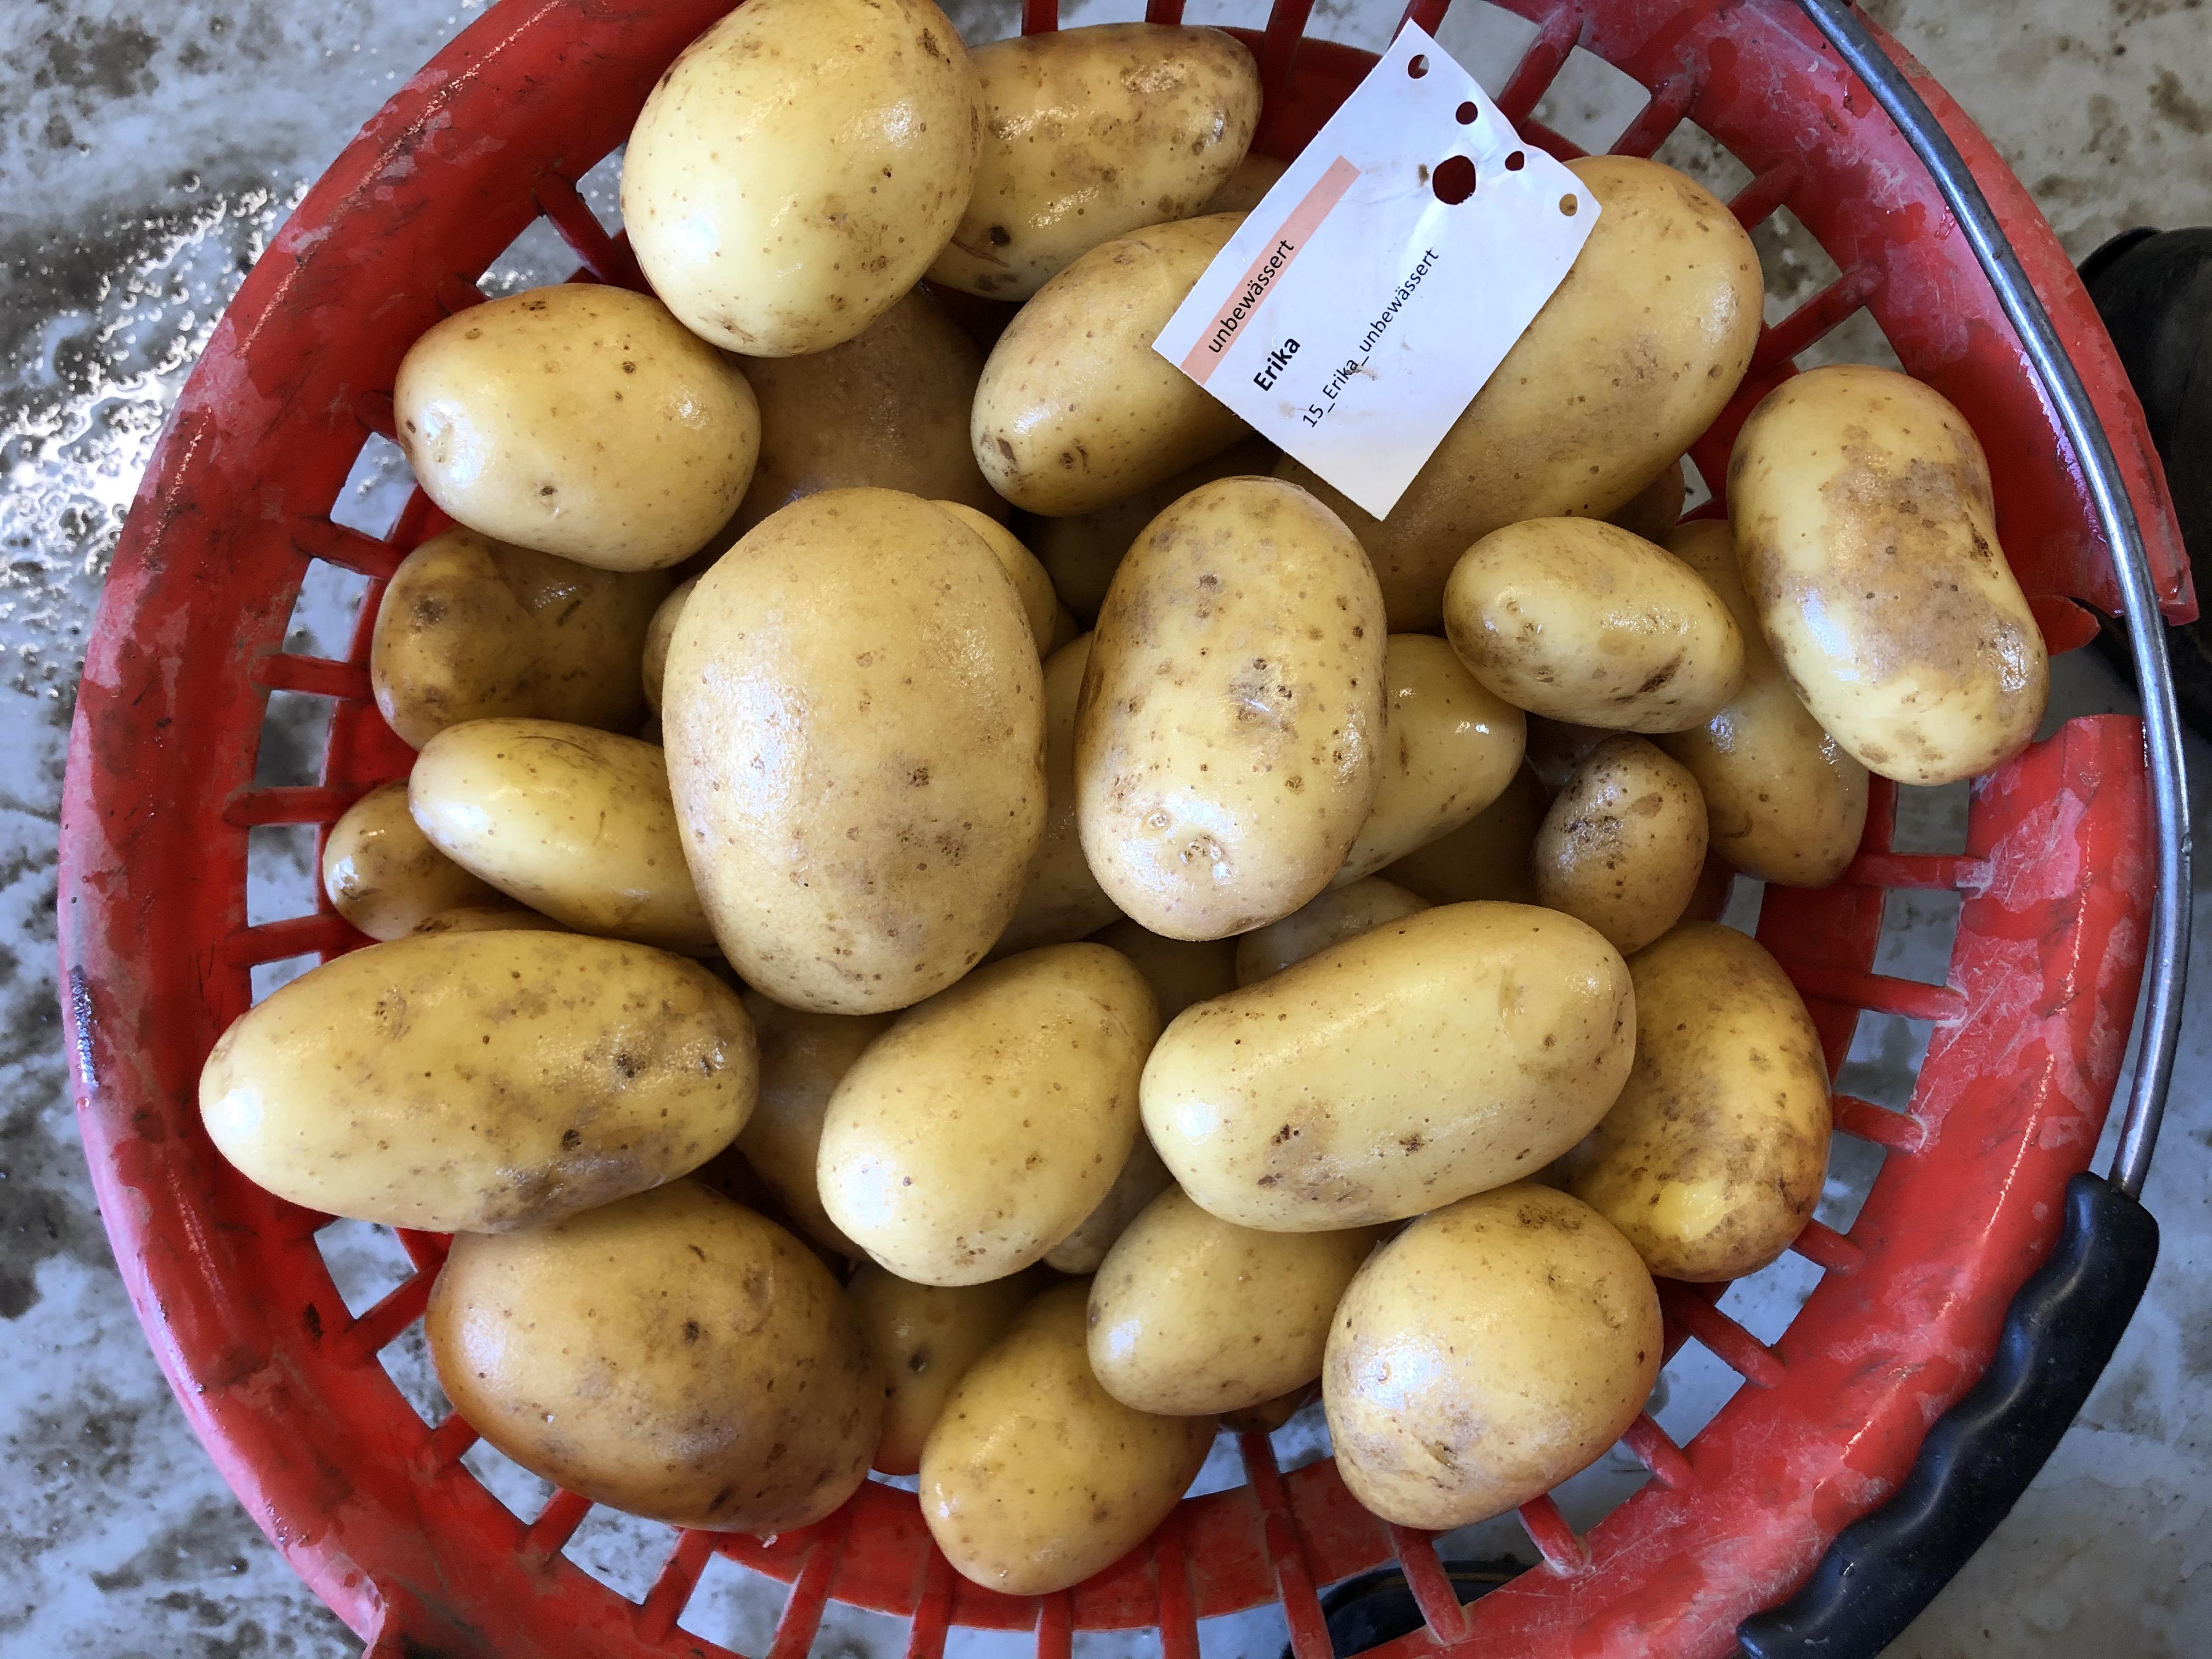 Waschprobe Sorte Erika, Sortenversuch Kartoffeln Humlikon 2020